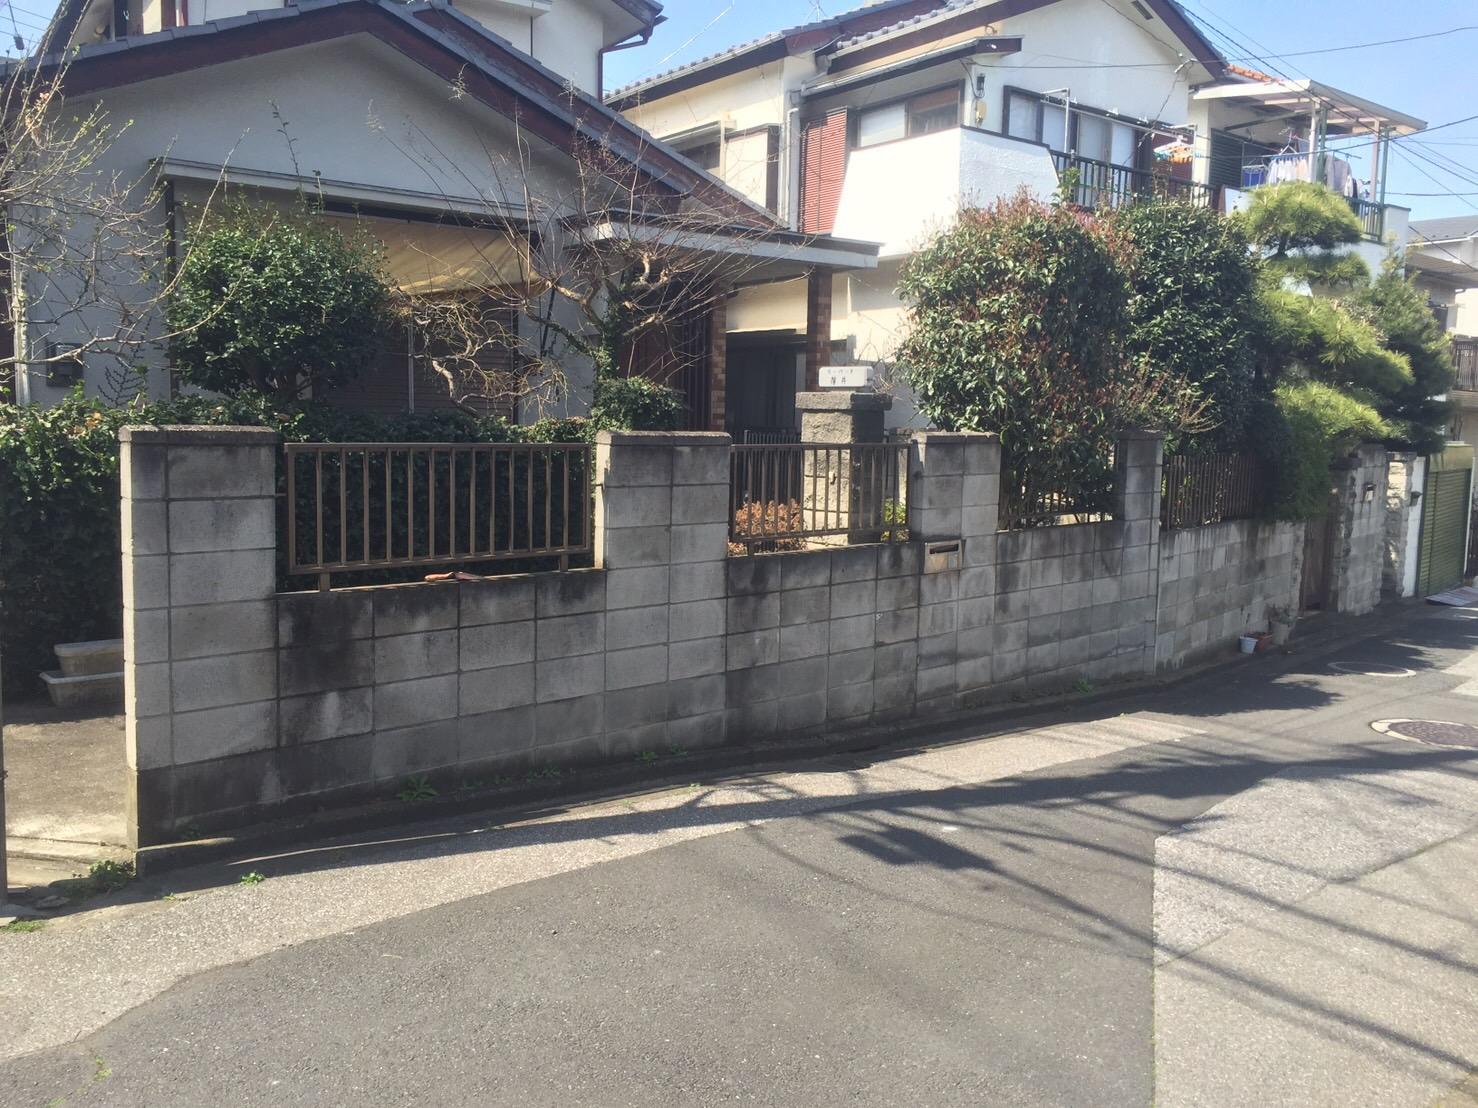 浦和市にて個人住宅解体工事を行いました。